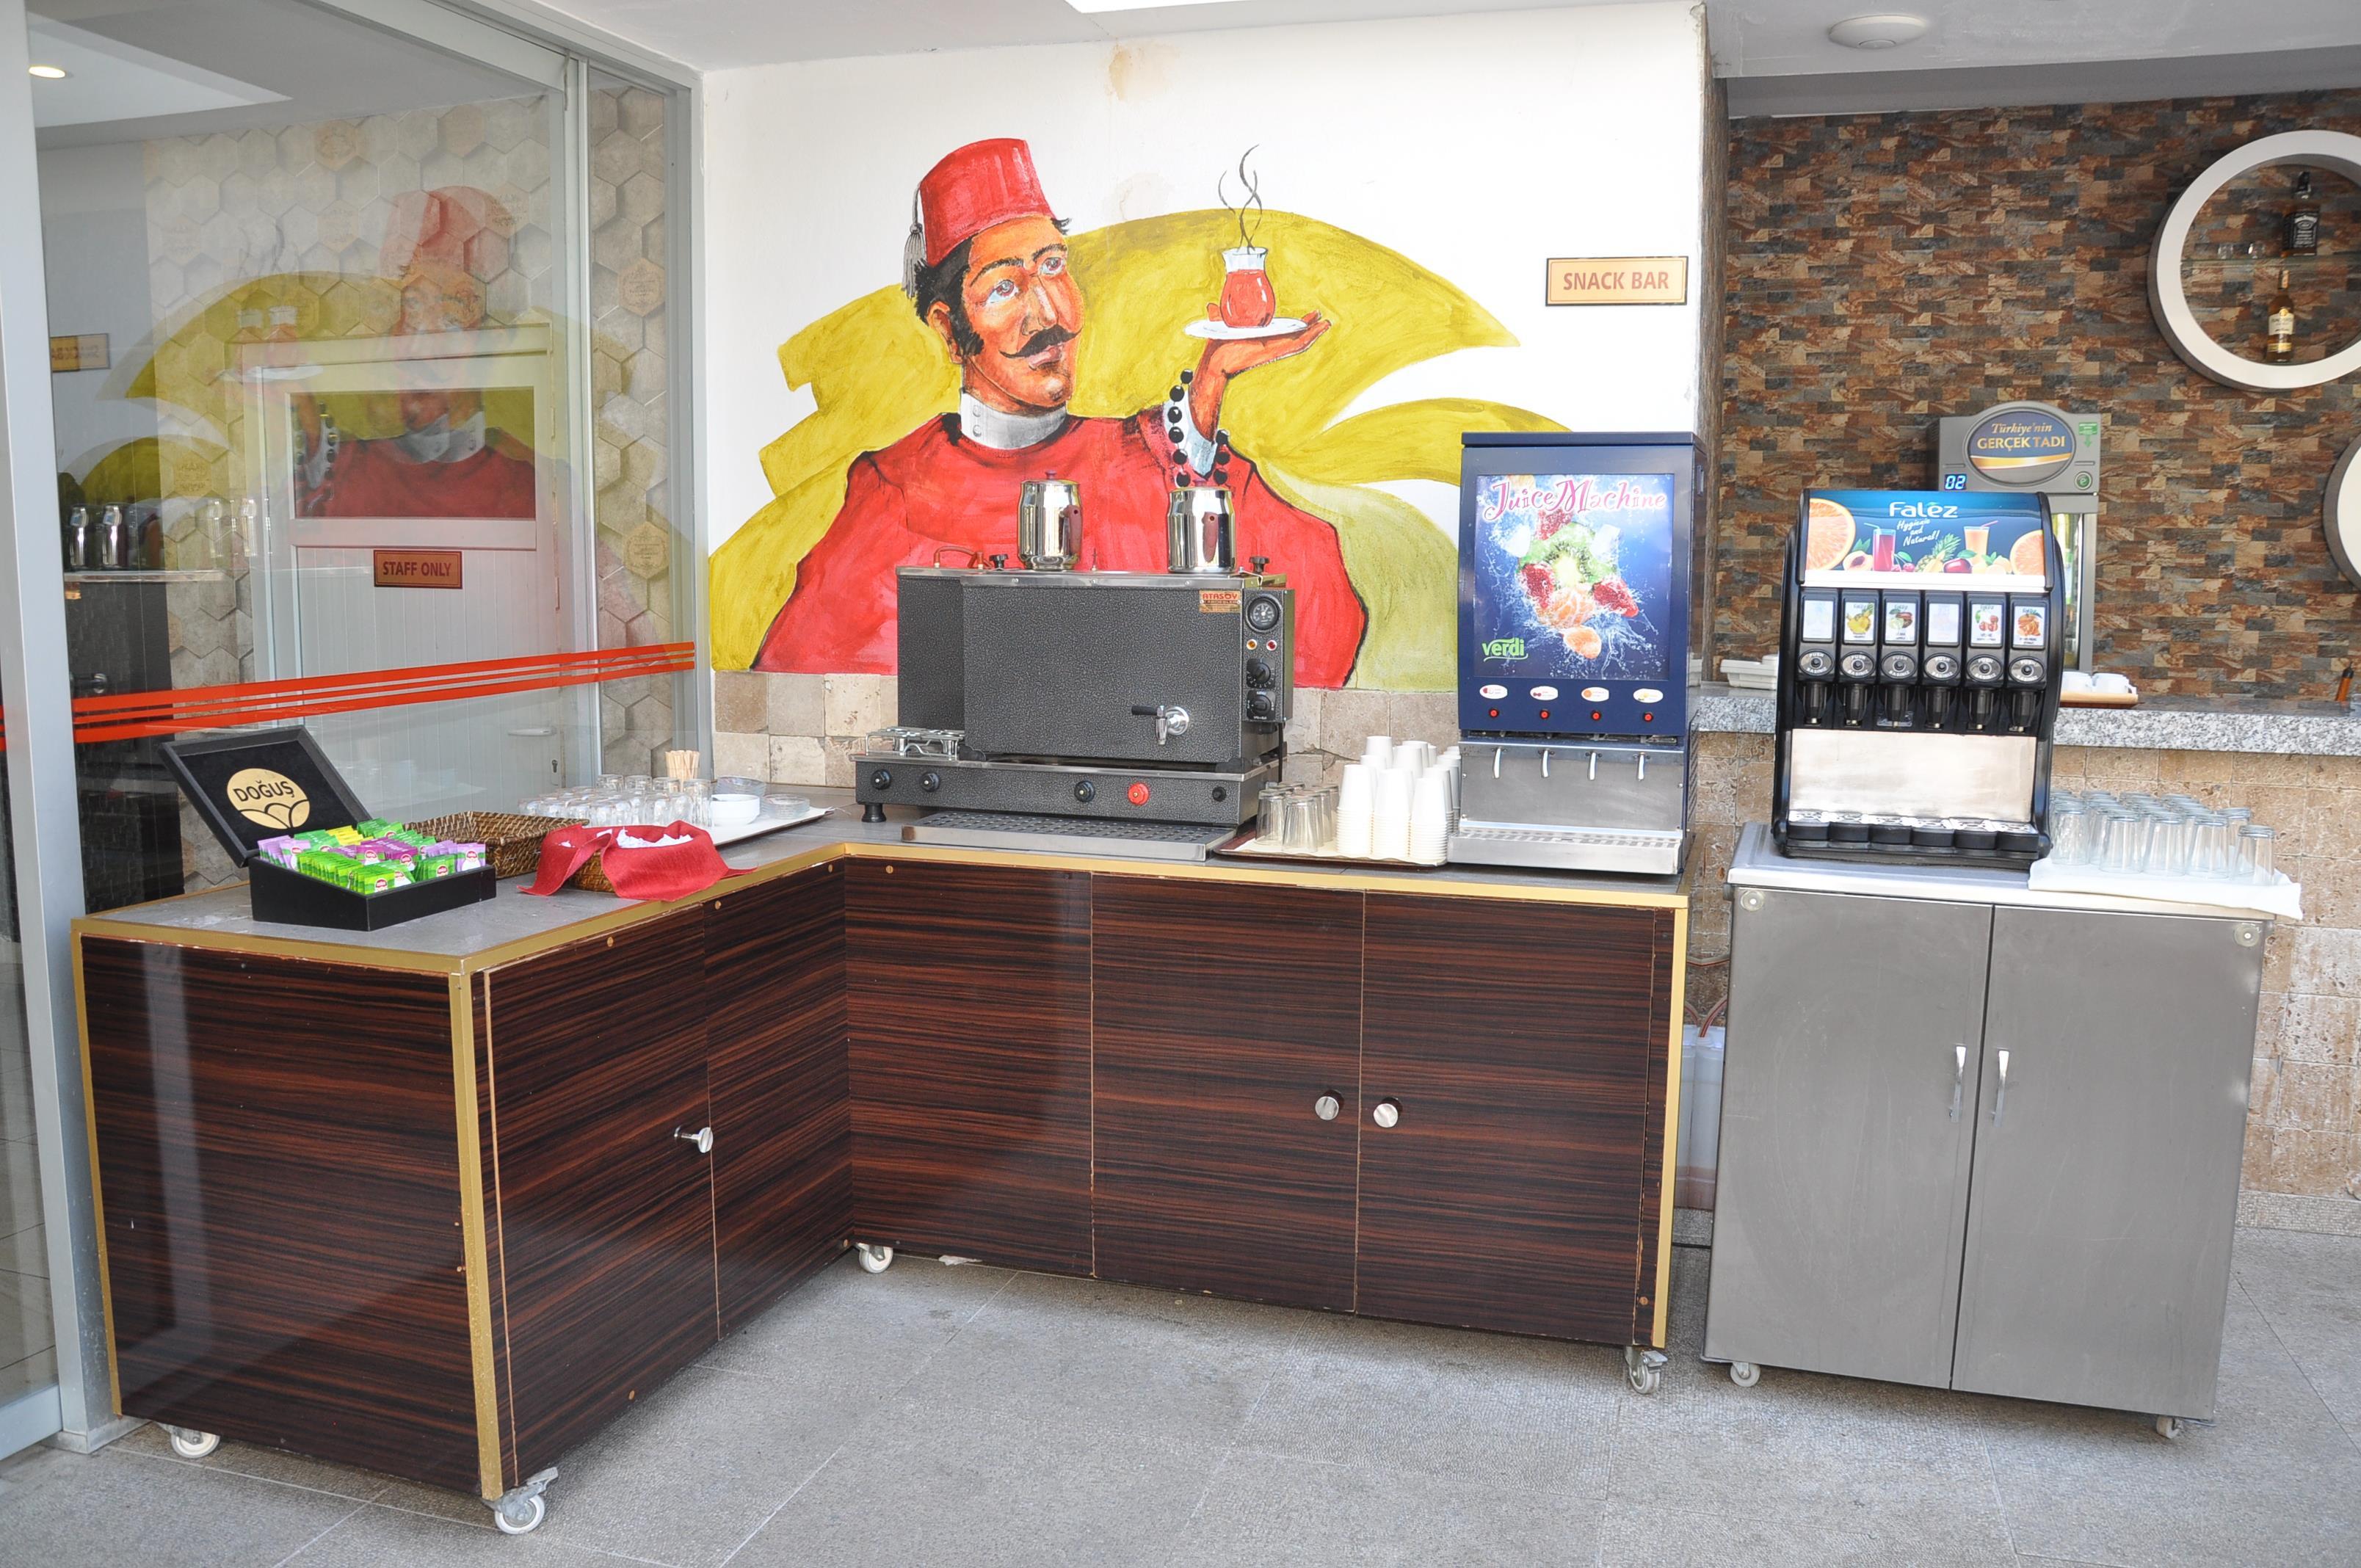 acar-hotel-genel-0013